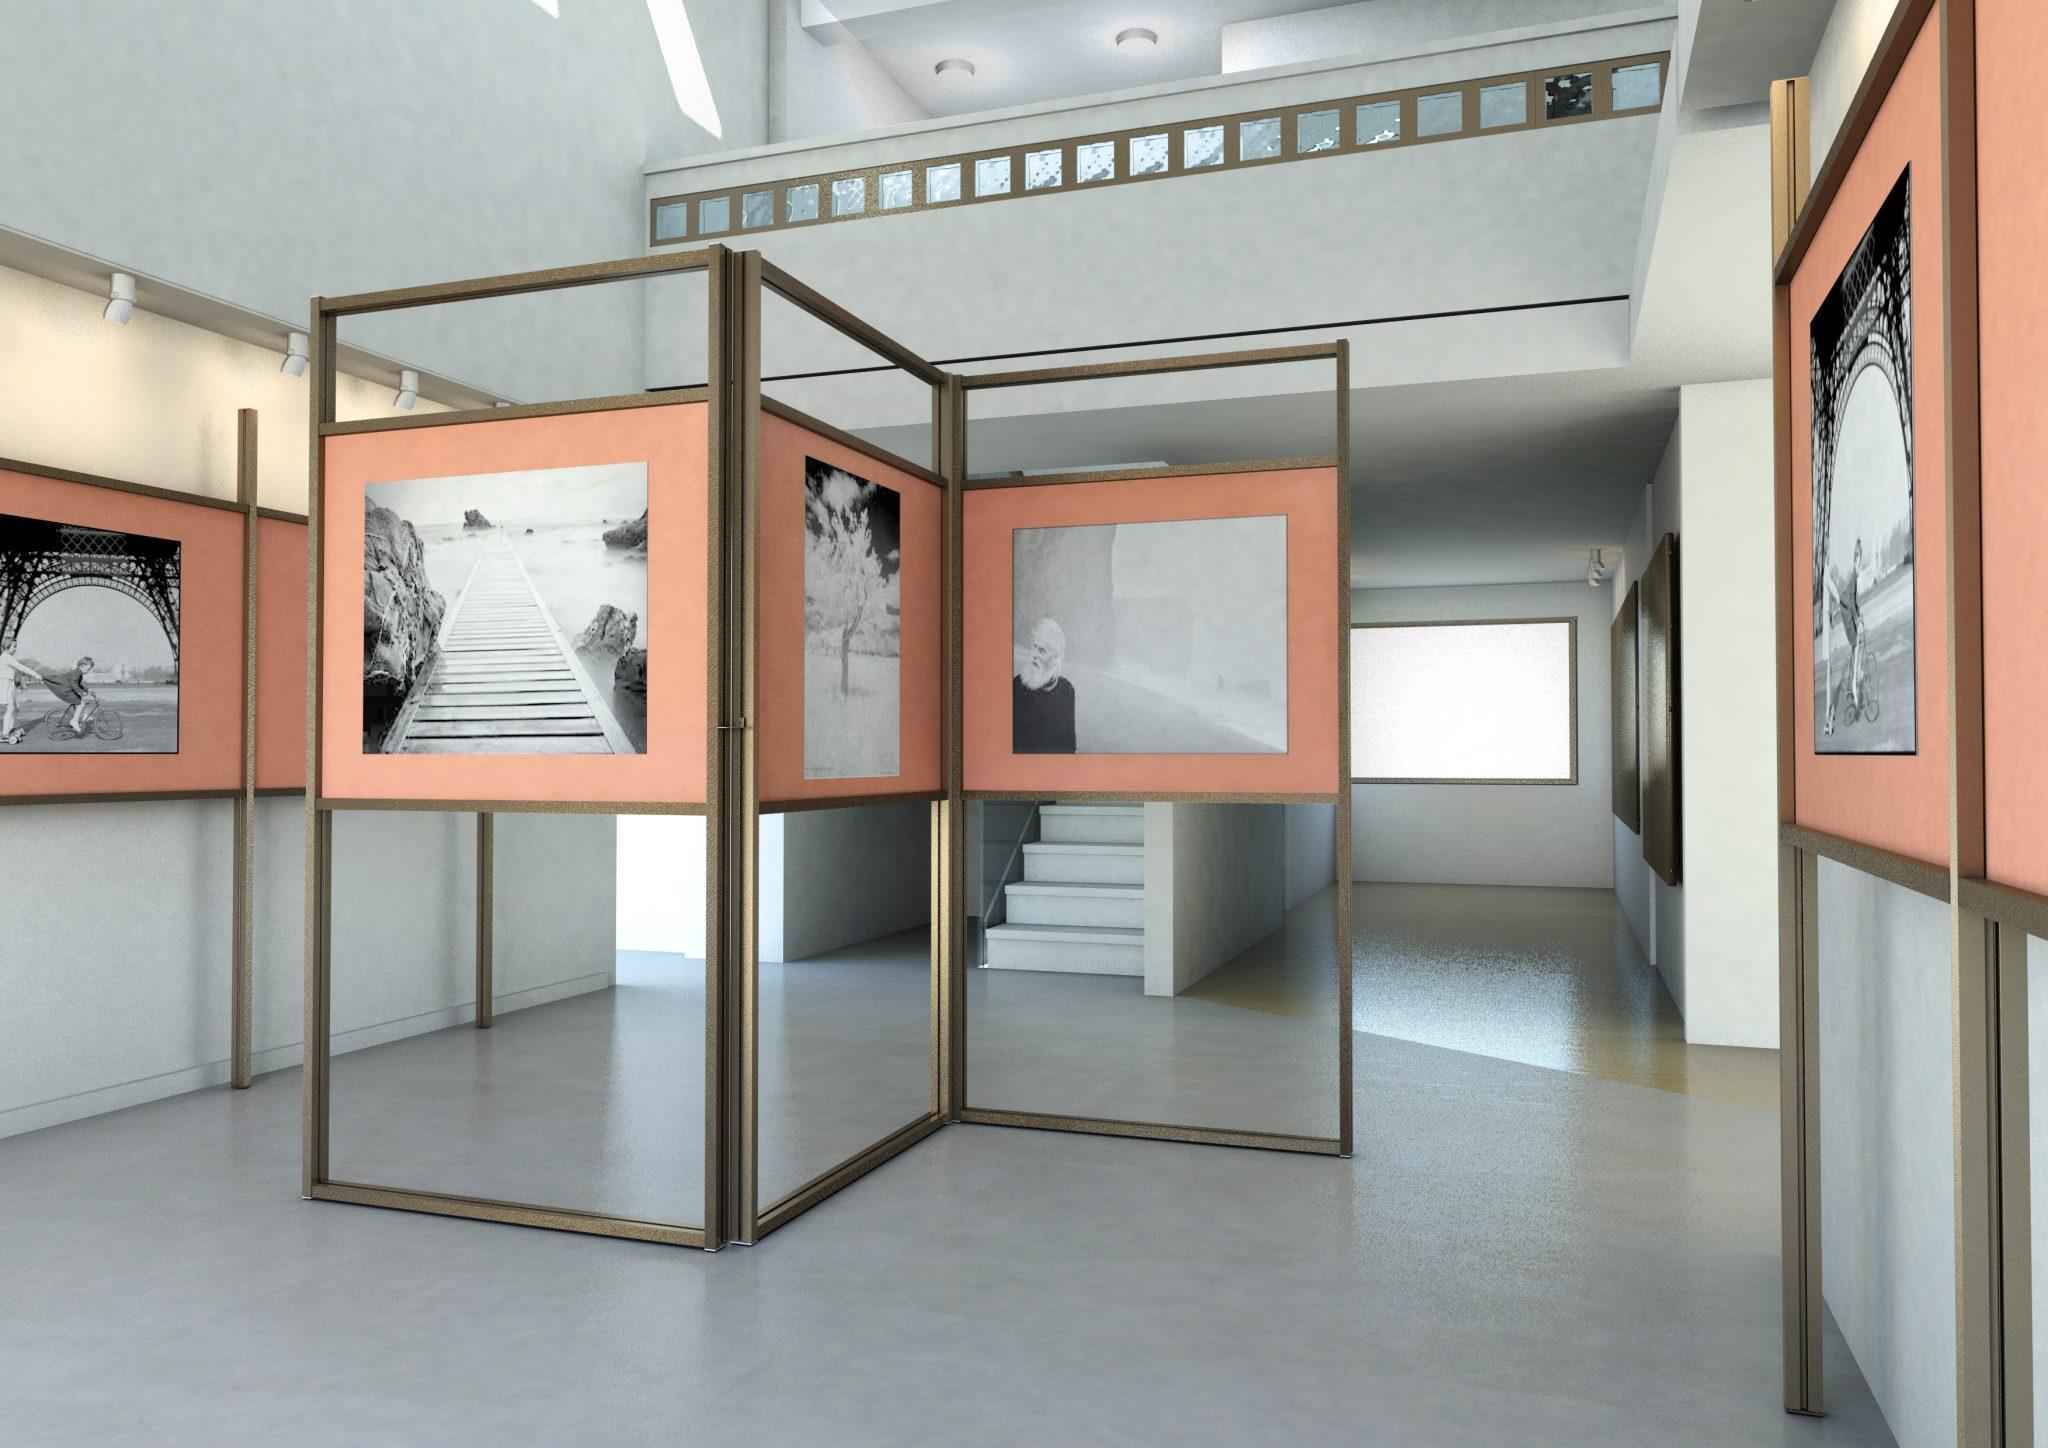 Come Allestire Una Libreria pannelli espositivi modulari per allestimento mostra e museo